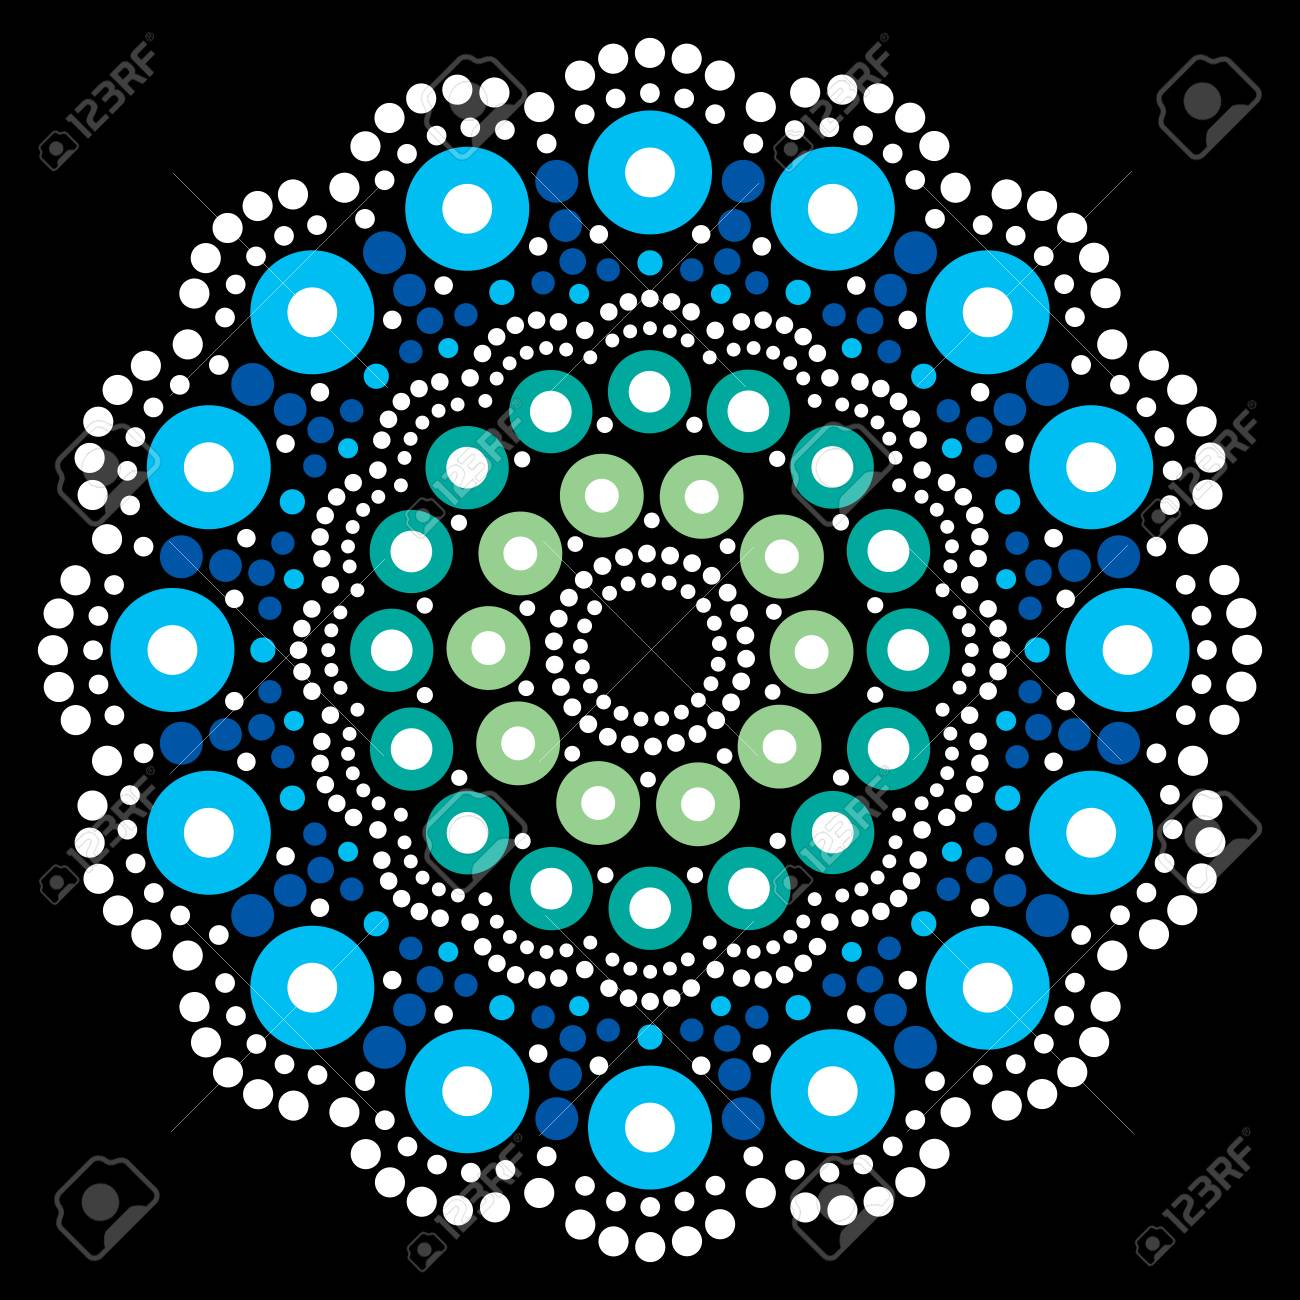 Mandala Bohemian Vector Dot Painting Aboriginal Dot Art Retro